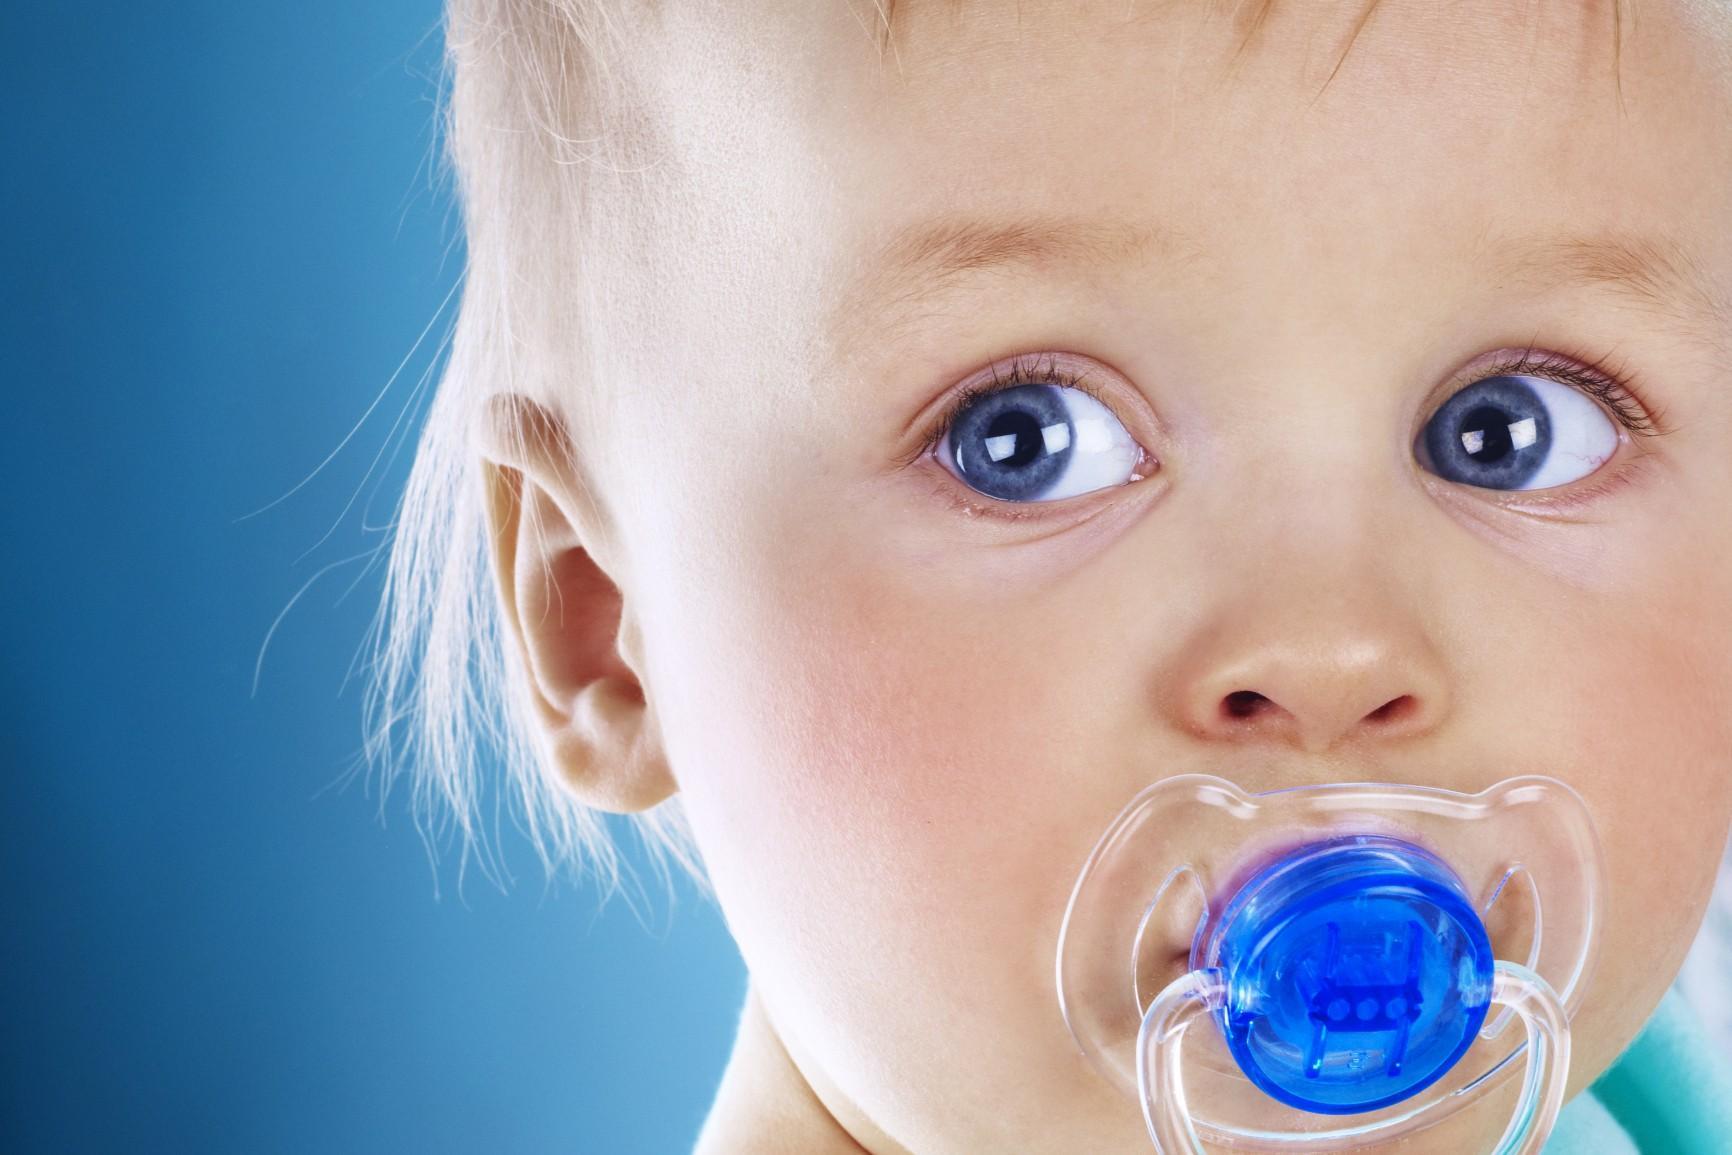 Reazioni avverse ai vaccini: la voce del luminare